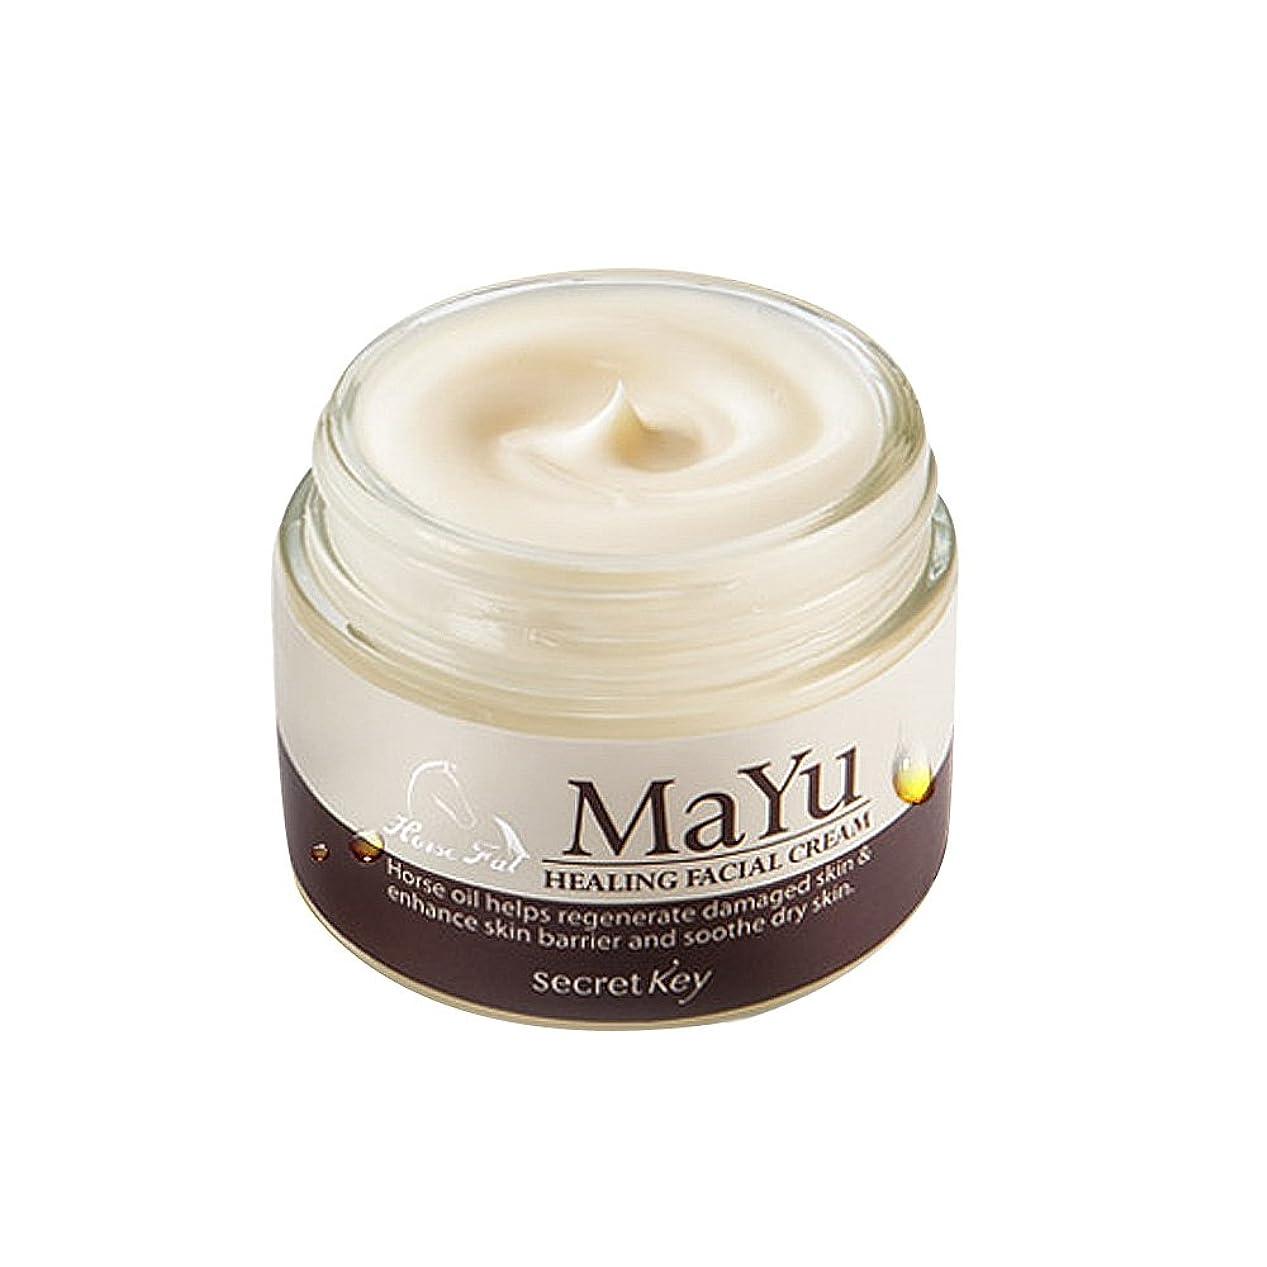 更新冒険家機構[シークレットキー]Secretkey 馬油ヒーリングフェイシャルクリーム70g 海外直送品 Mayu Healing Facial Cream 70g